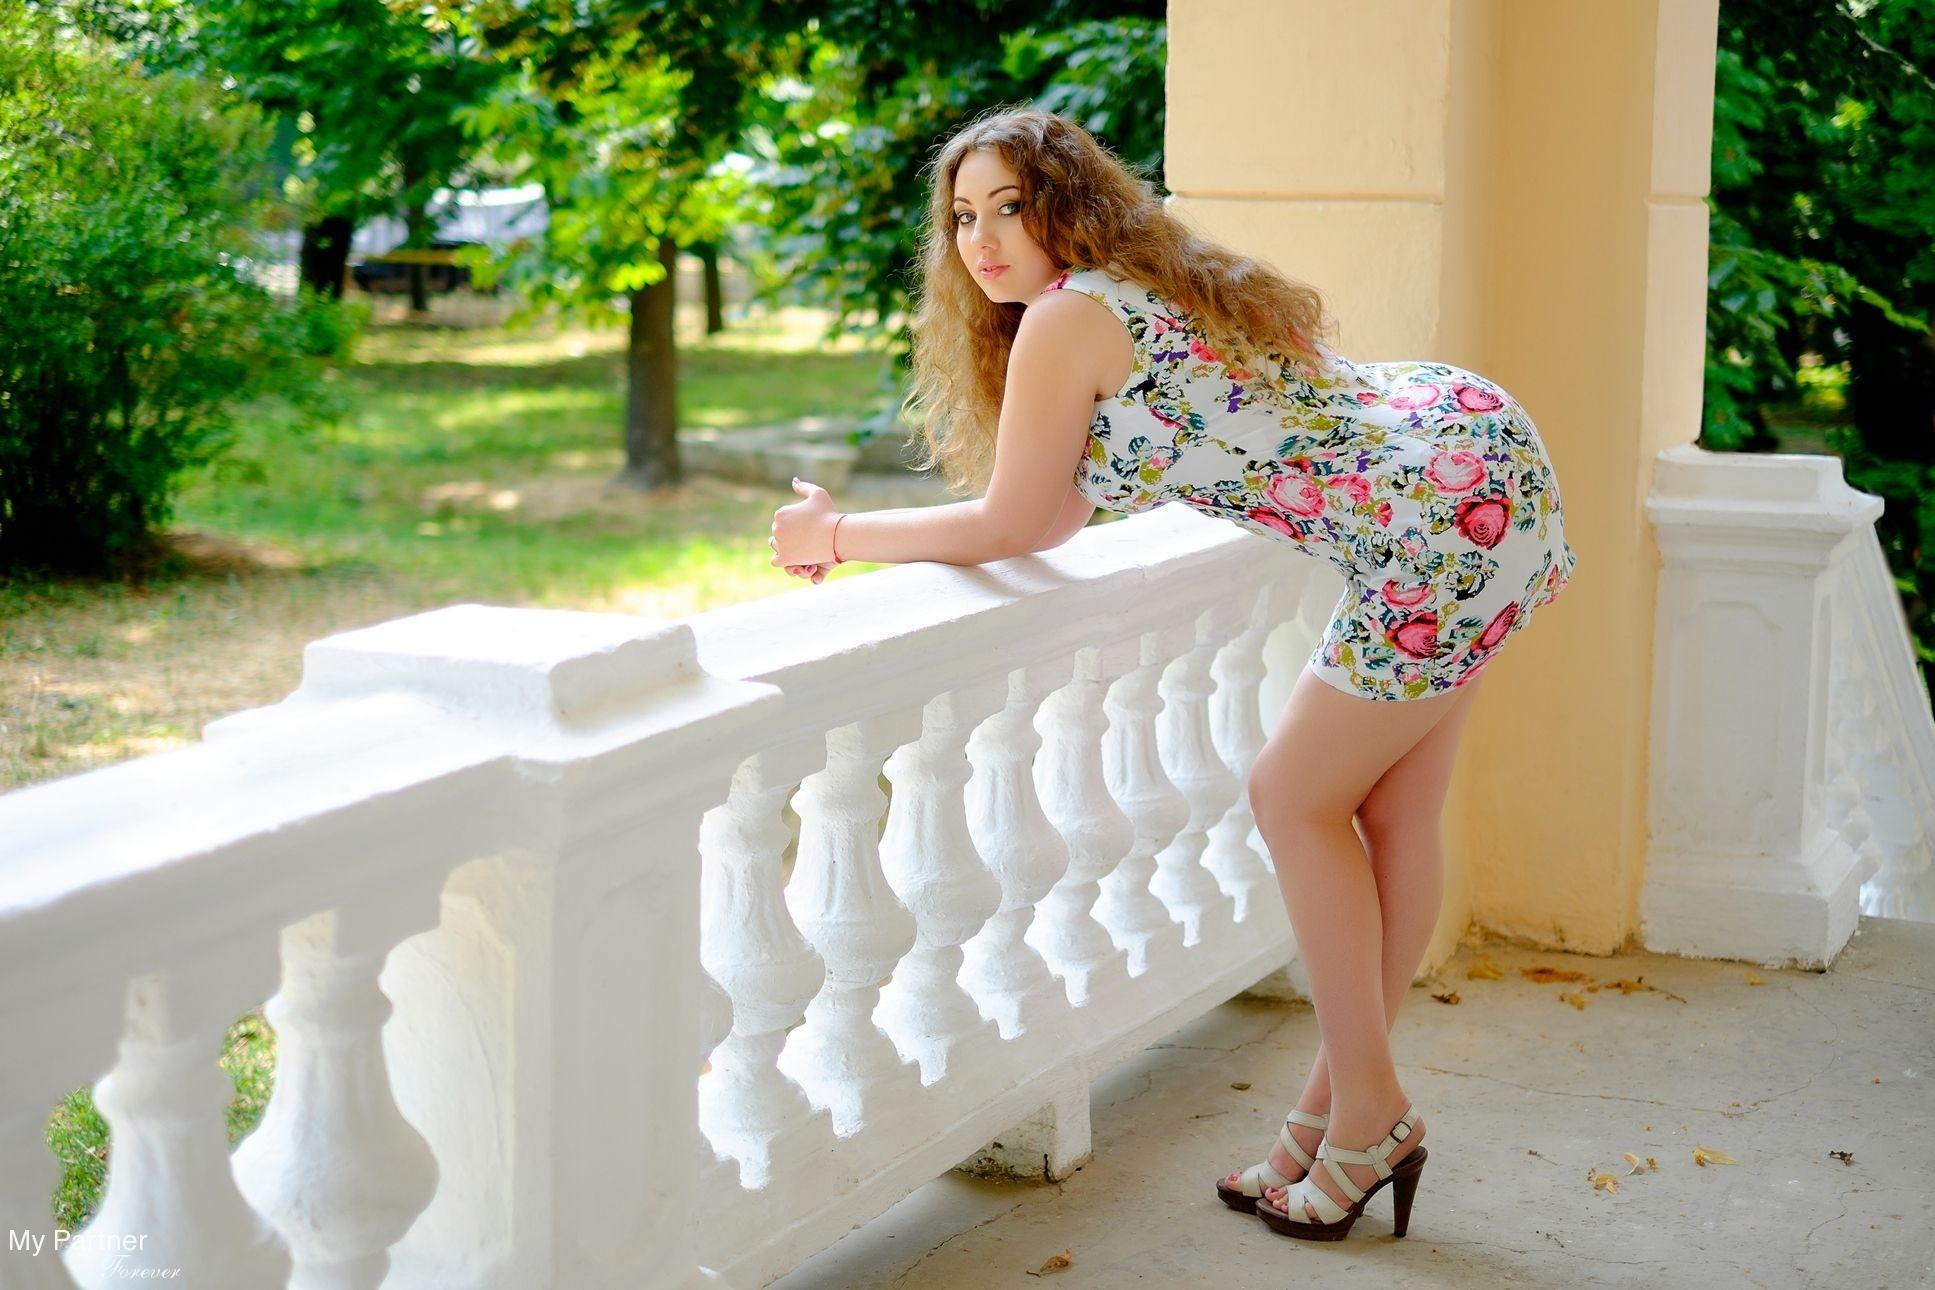 Net dating ukraine girl